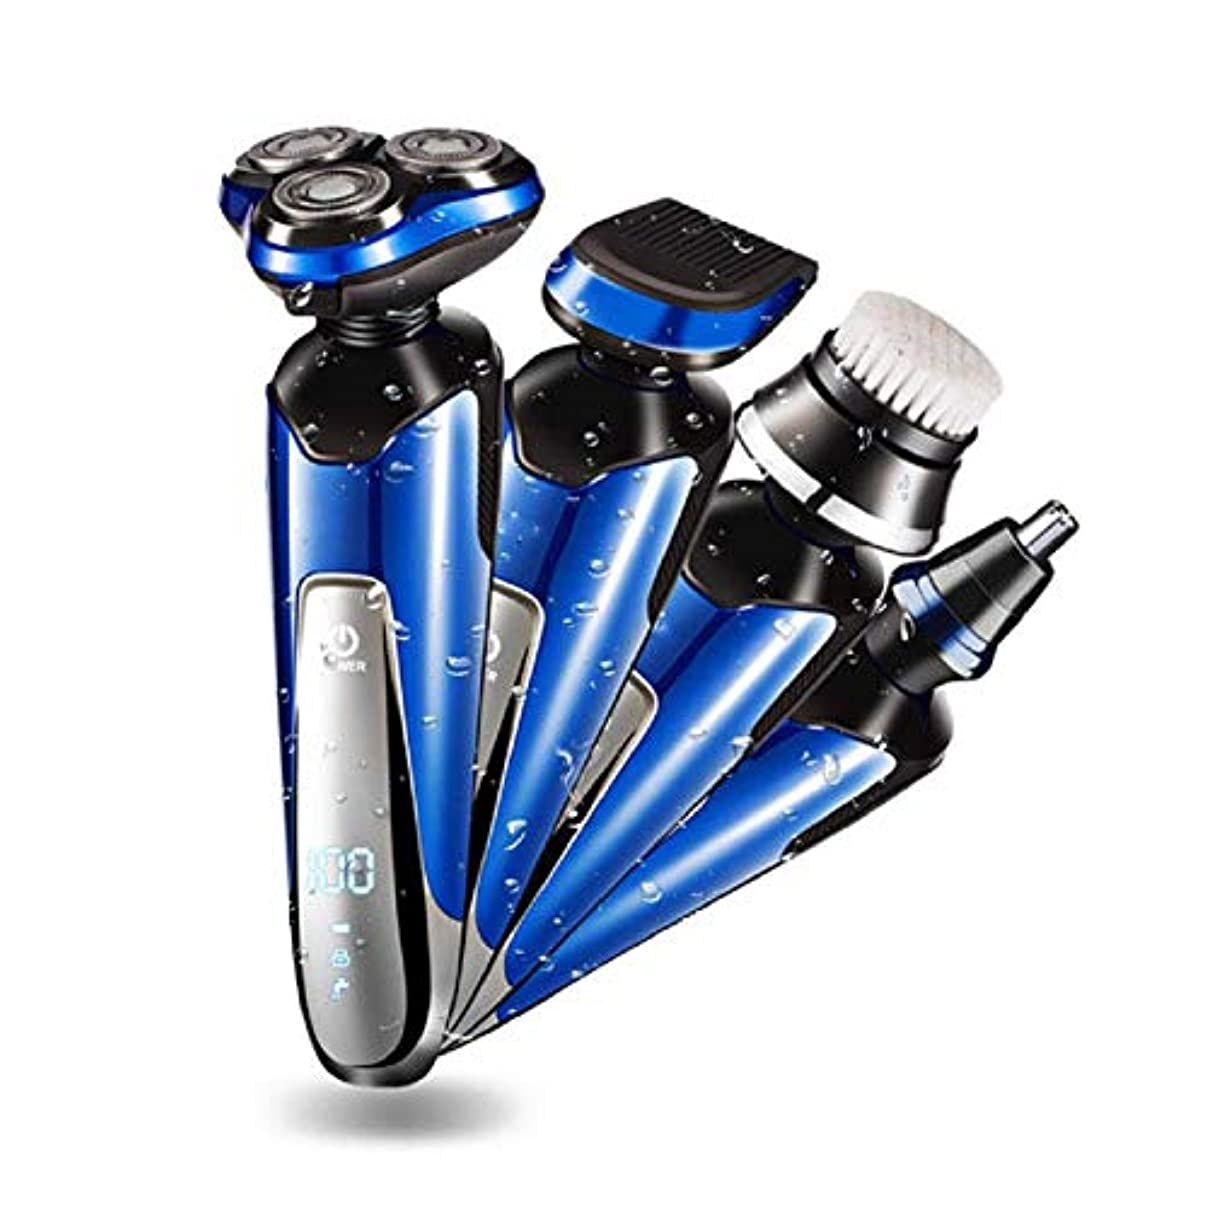 タヒチ羨望蜂4-in-1多機能メンズ電気シェーバートリマー、回転ひげ鼻毛トリマーウォッシュブラシ防水ウェットとドライのデュアルユースUSB充電式シェービングマシン